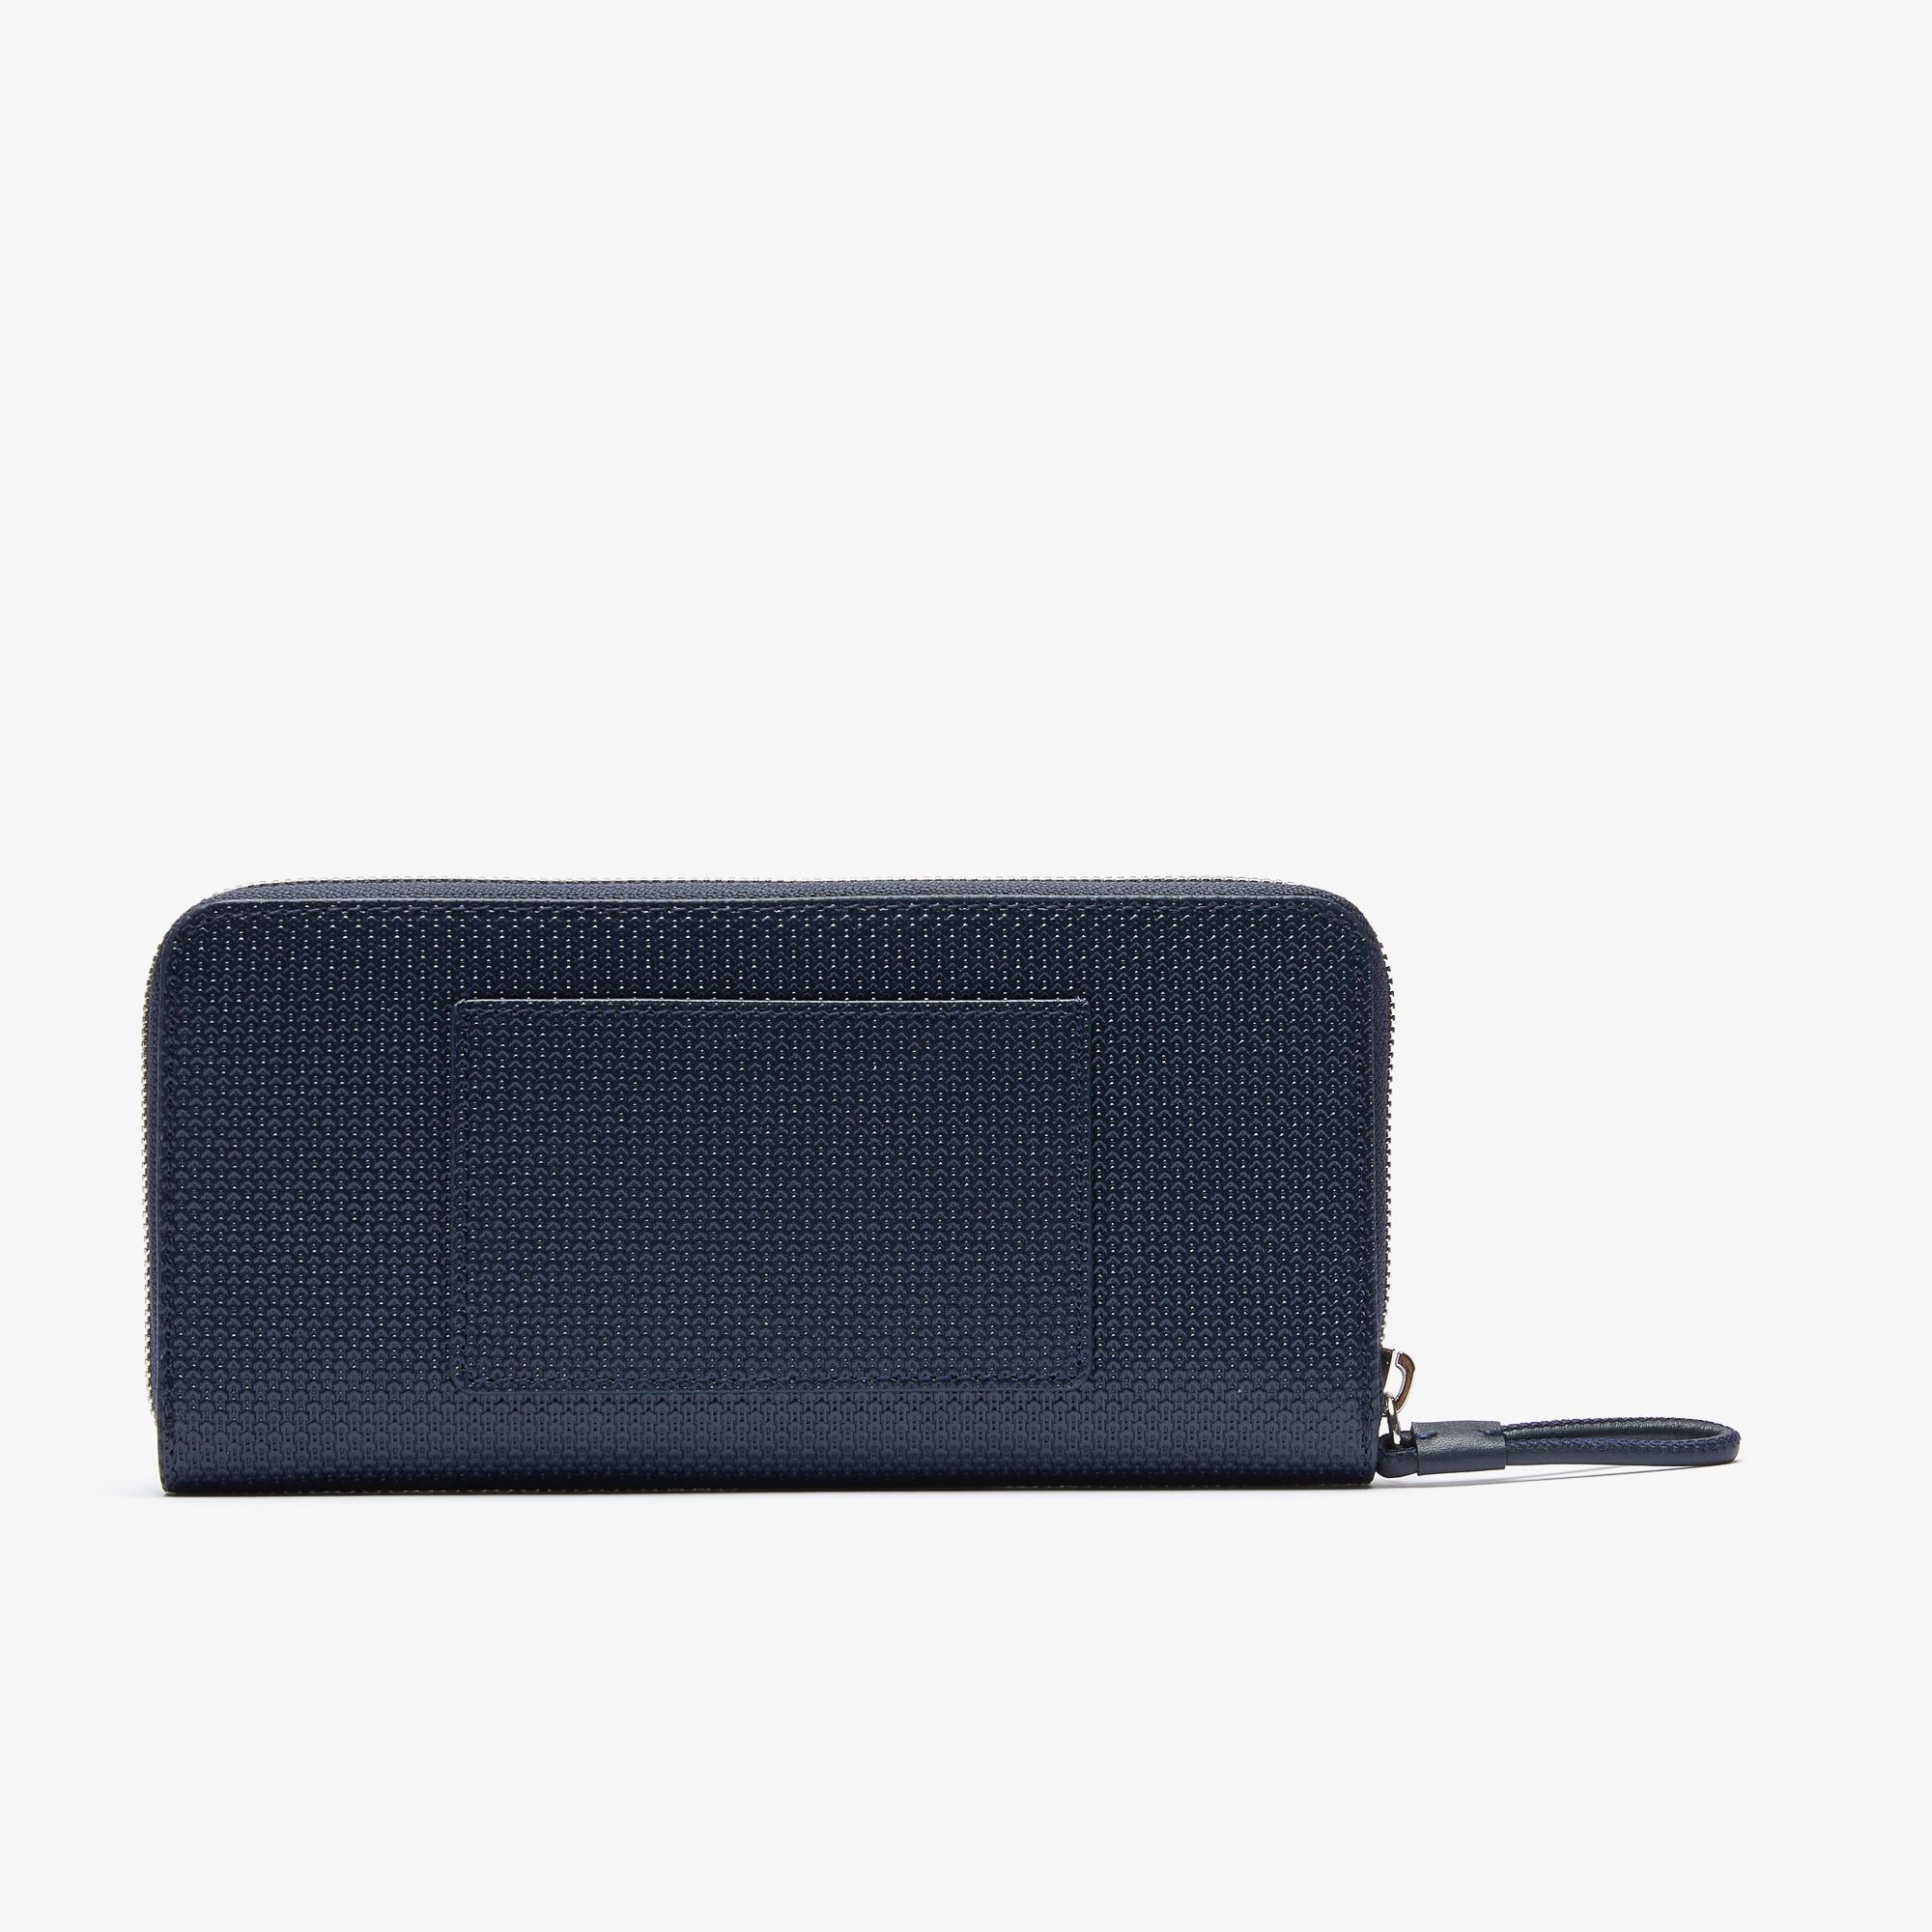 Lacoste Women's Chantaco Matte Piqué Leather Zip Wallet